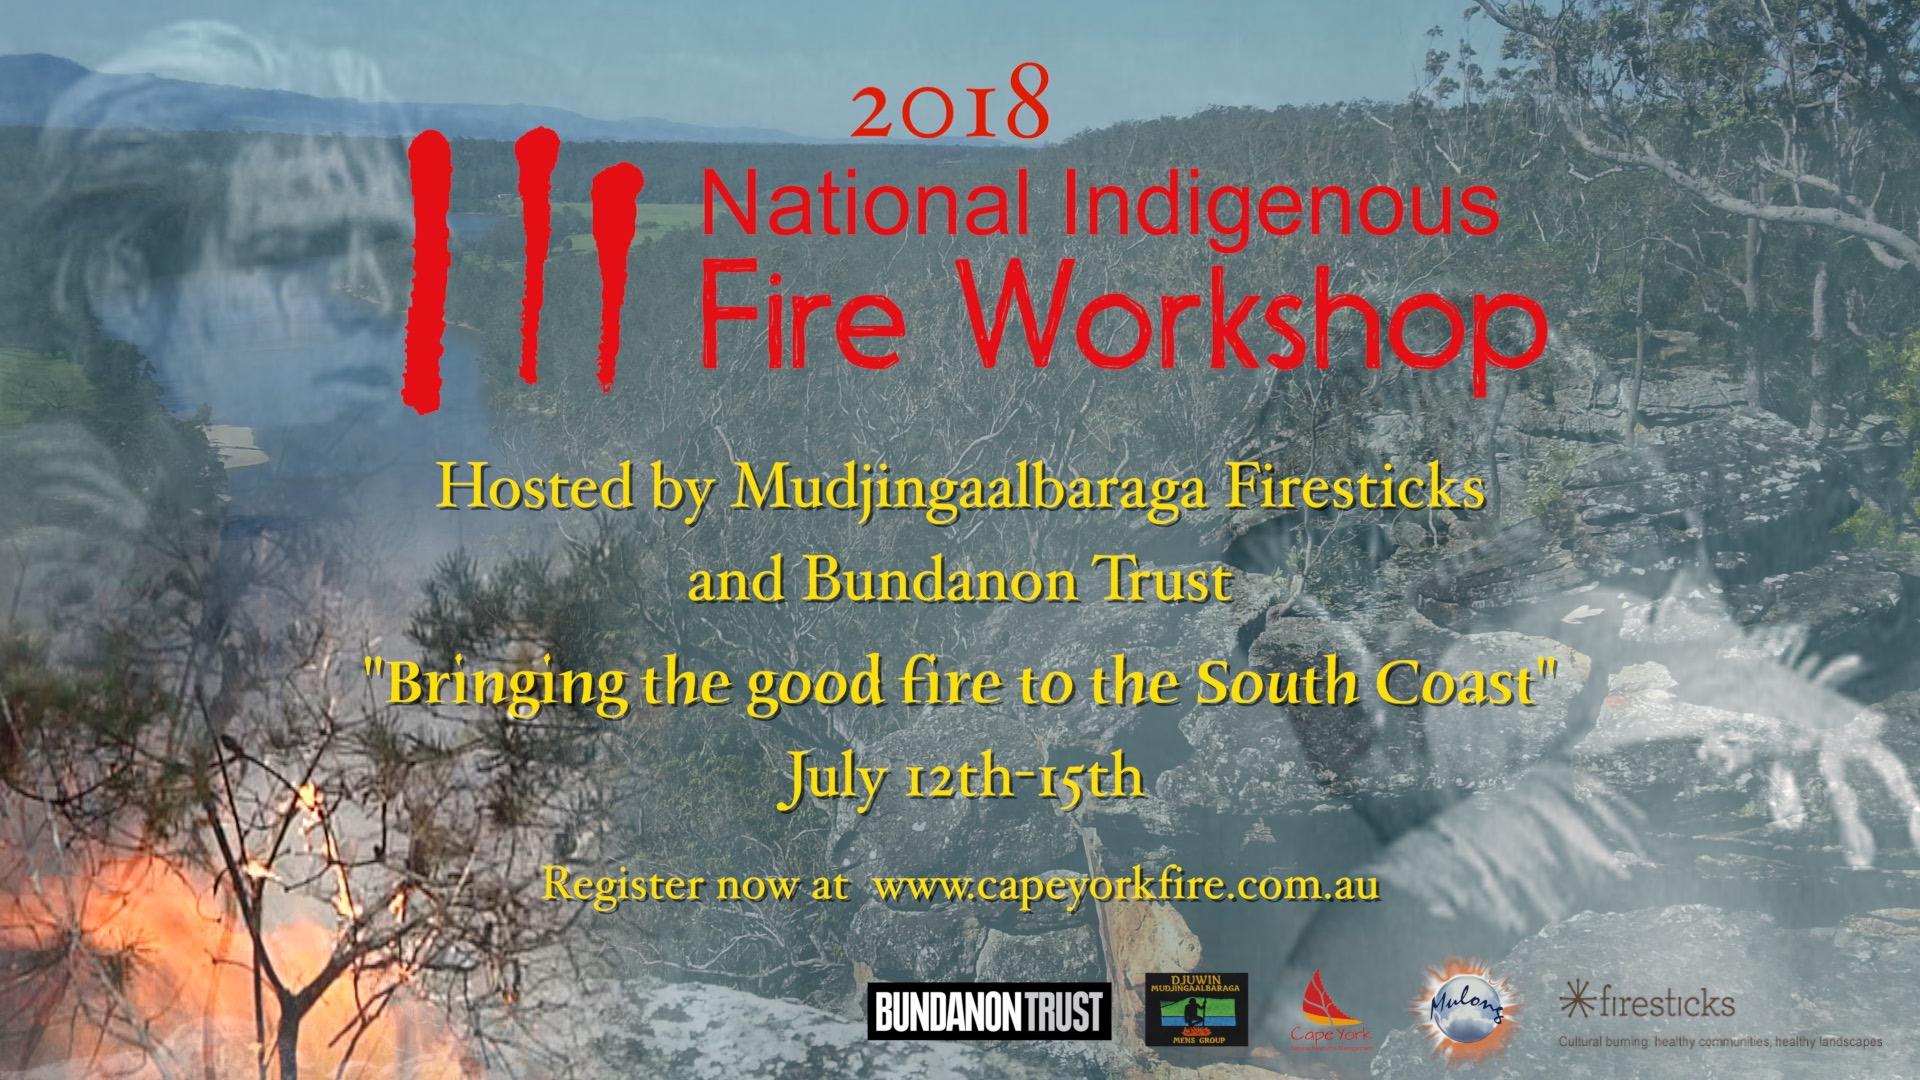 2018 National Indigenous Fire Workshop